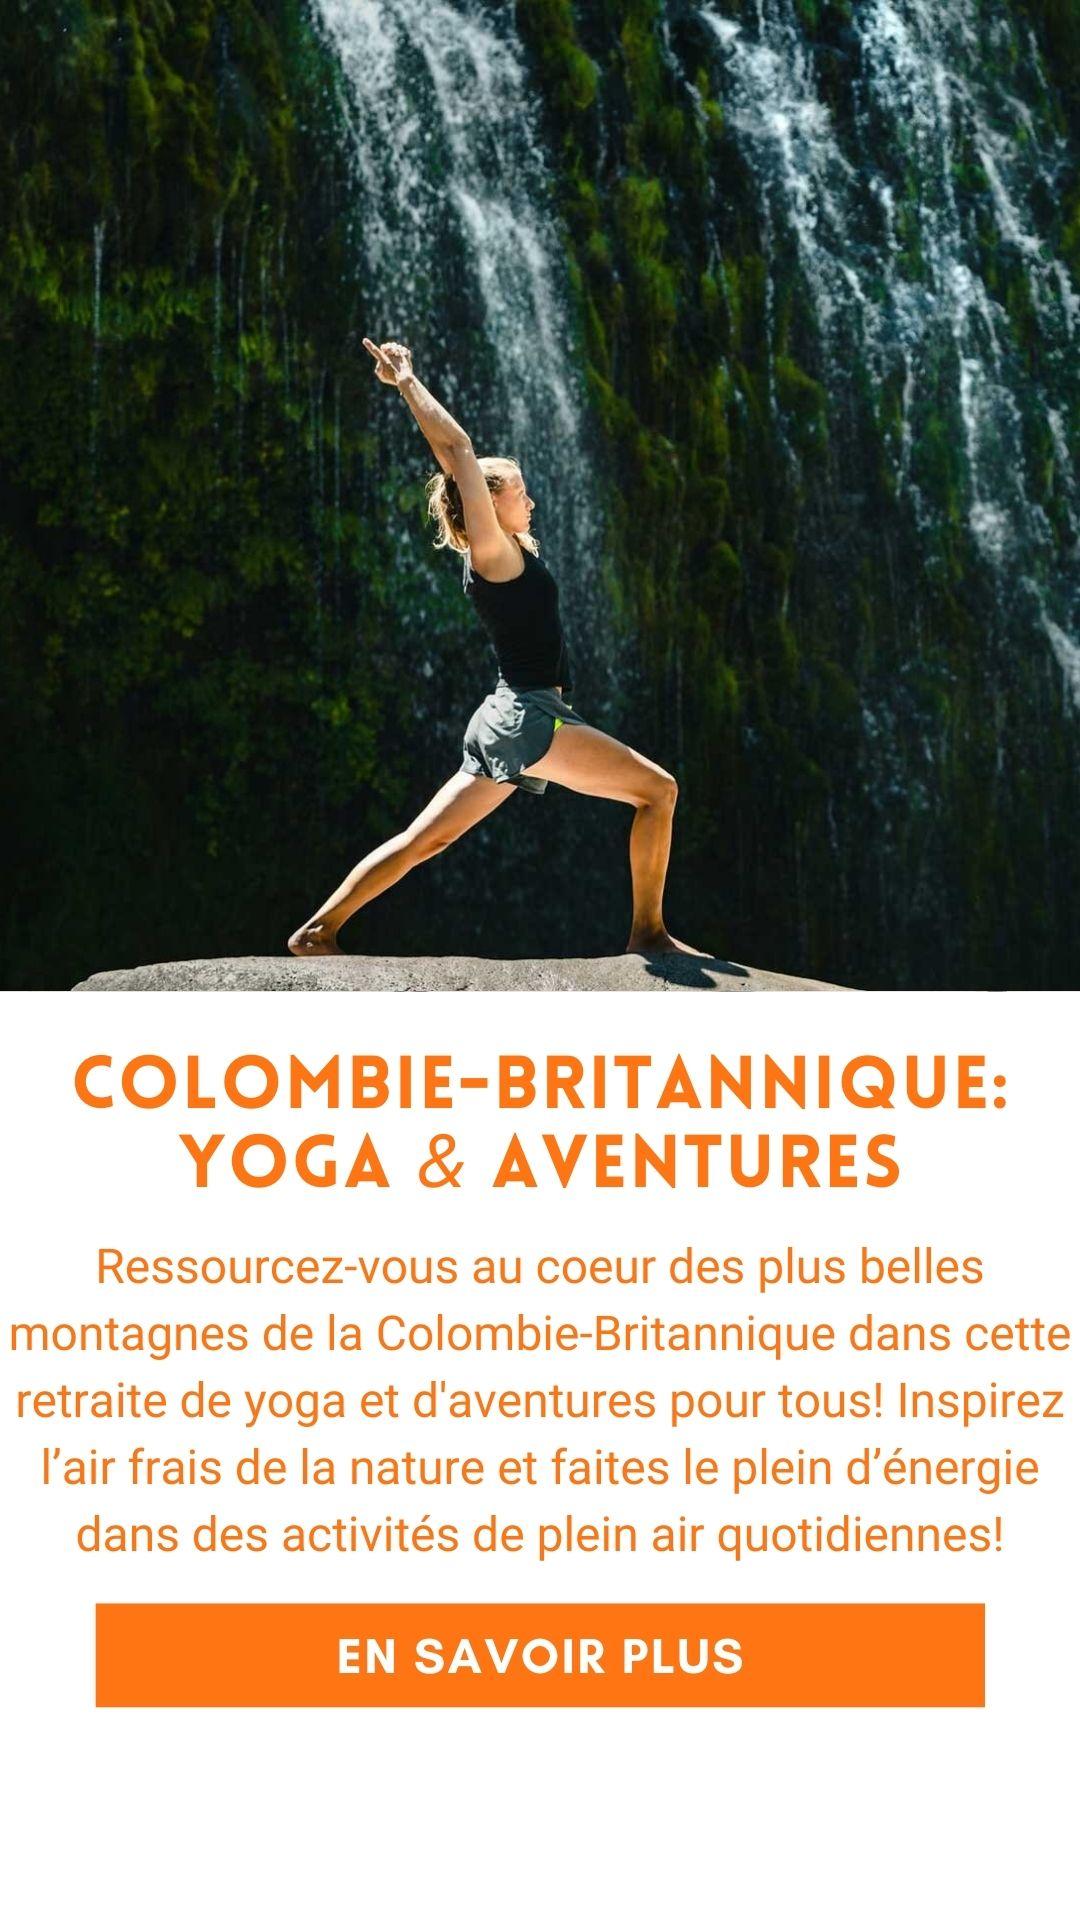 colombie-britannique yoga bc